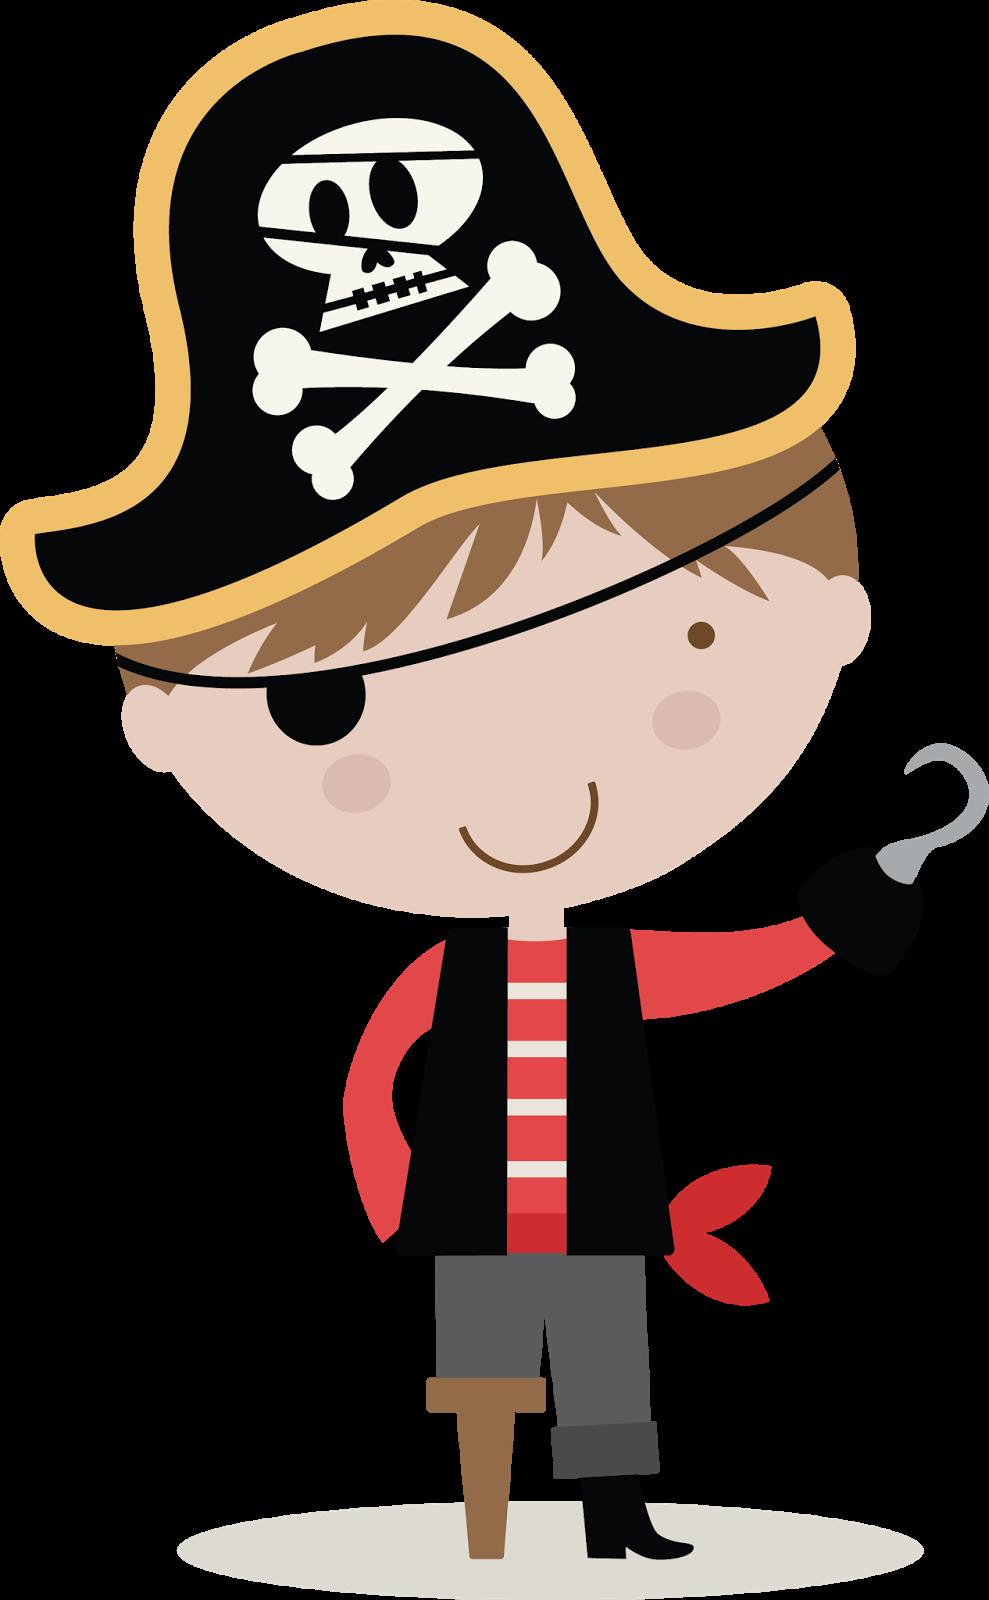 55+ Cute Pirate Clipart.